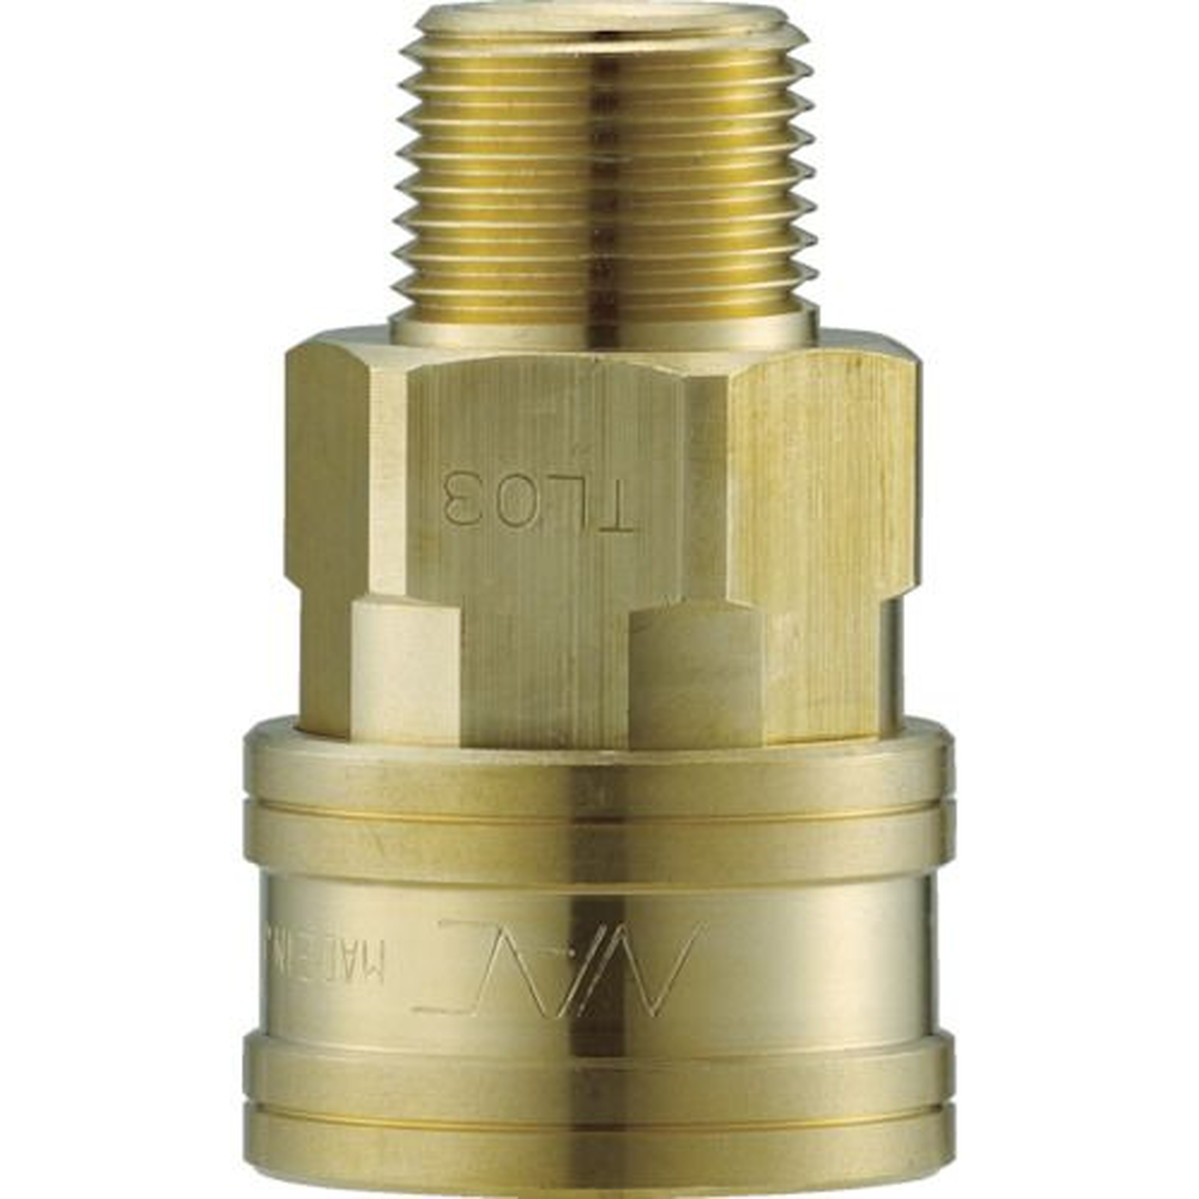 入荷中 ナック クイックカップリング TL型 真鍮製 メネジ取付用 メネジ取付用 1個 両路開放型 ナック 1個, イボガワチョウ:ab2157af --- kventurepartners.sakura.ne.jp